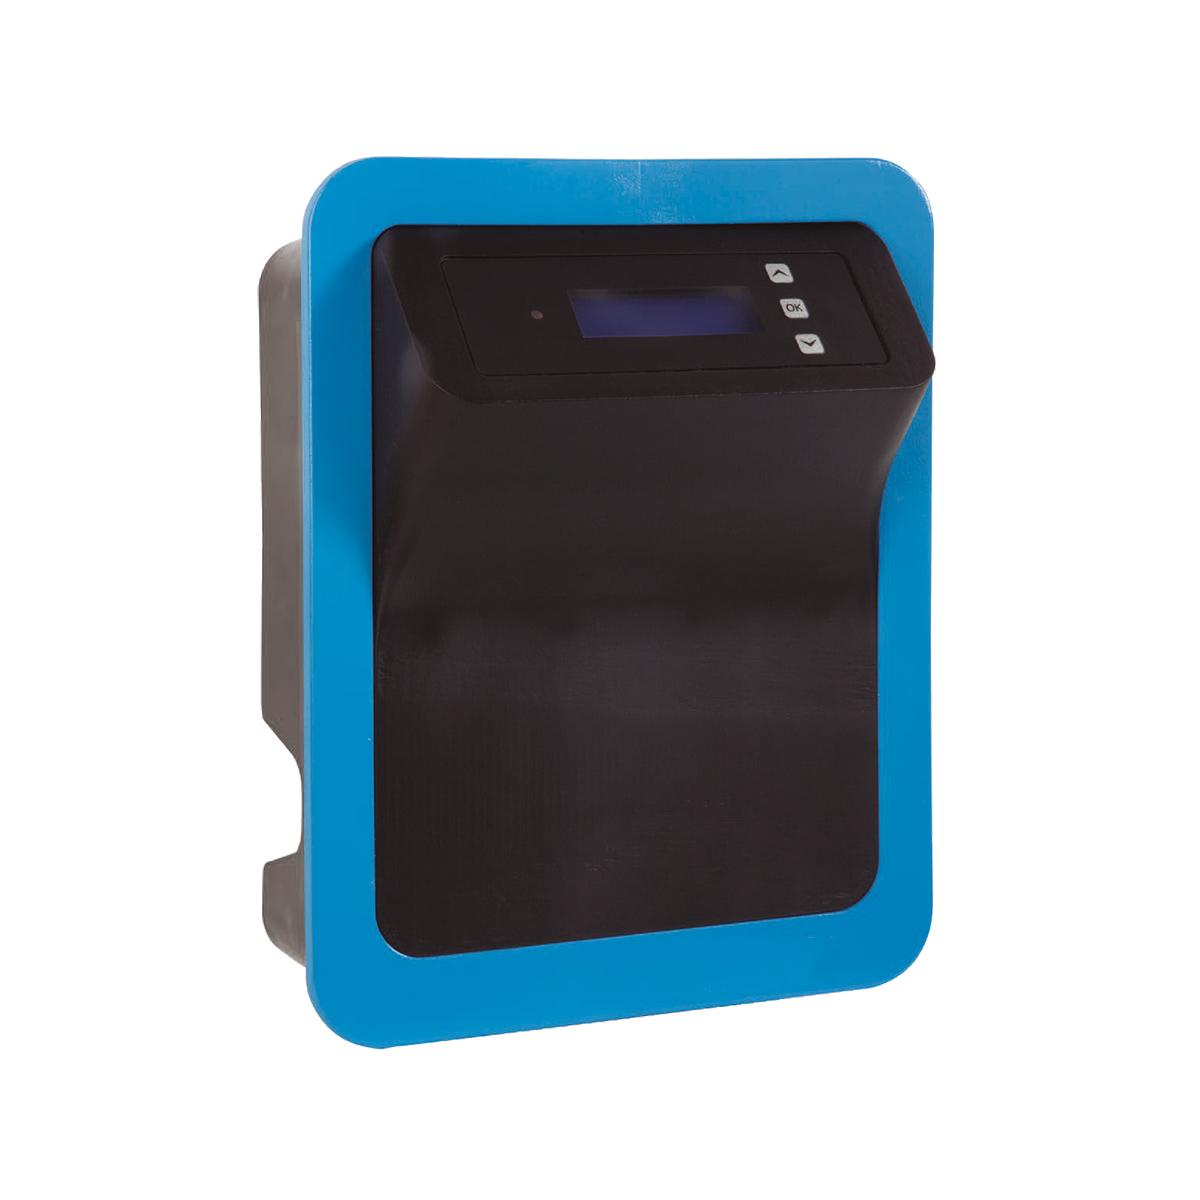 Smart Salzelektrolyseanlage ADVANCED-PRO MAGNESIUM 15g Mg/h selbstreinigende Zelle für private Pools bis 50m3, (Pumpenlaufzeit 8h) Smart Salzelektrolyseanlage ADVANCED-PRO MAGNESIUM 15g Mg/h selbstreinigende Zelle für private Pools bis 50m3, (Pumpenlaufzeit 8h)